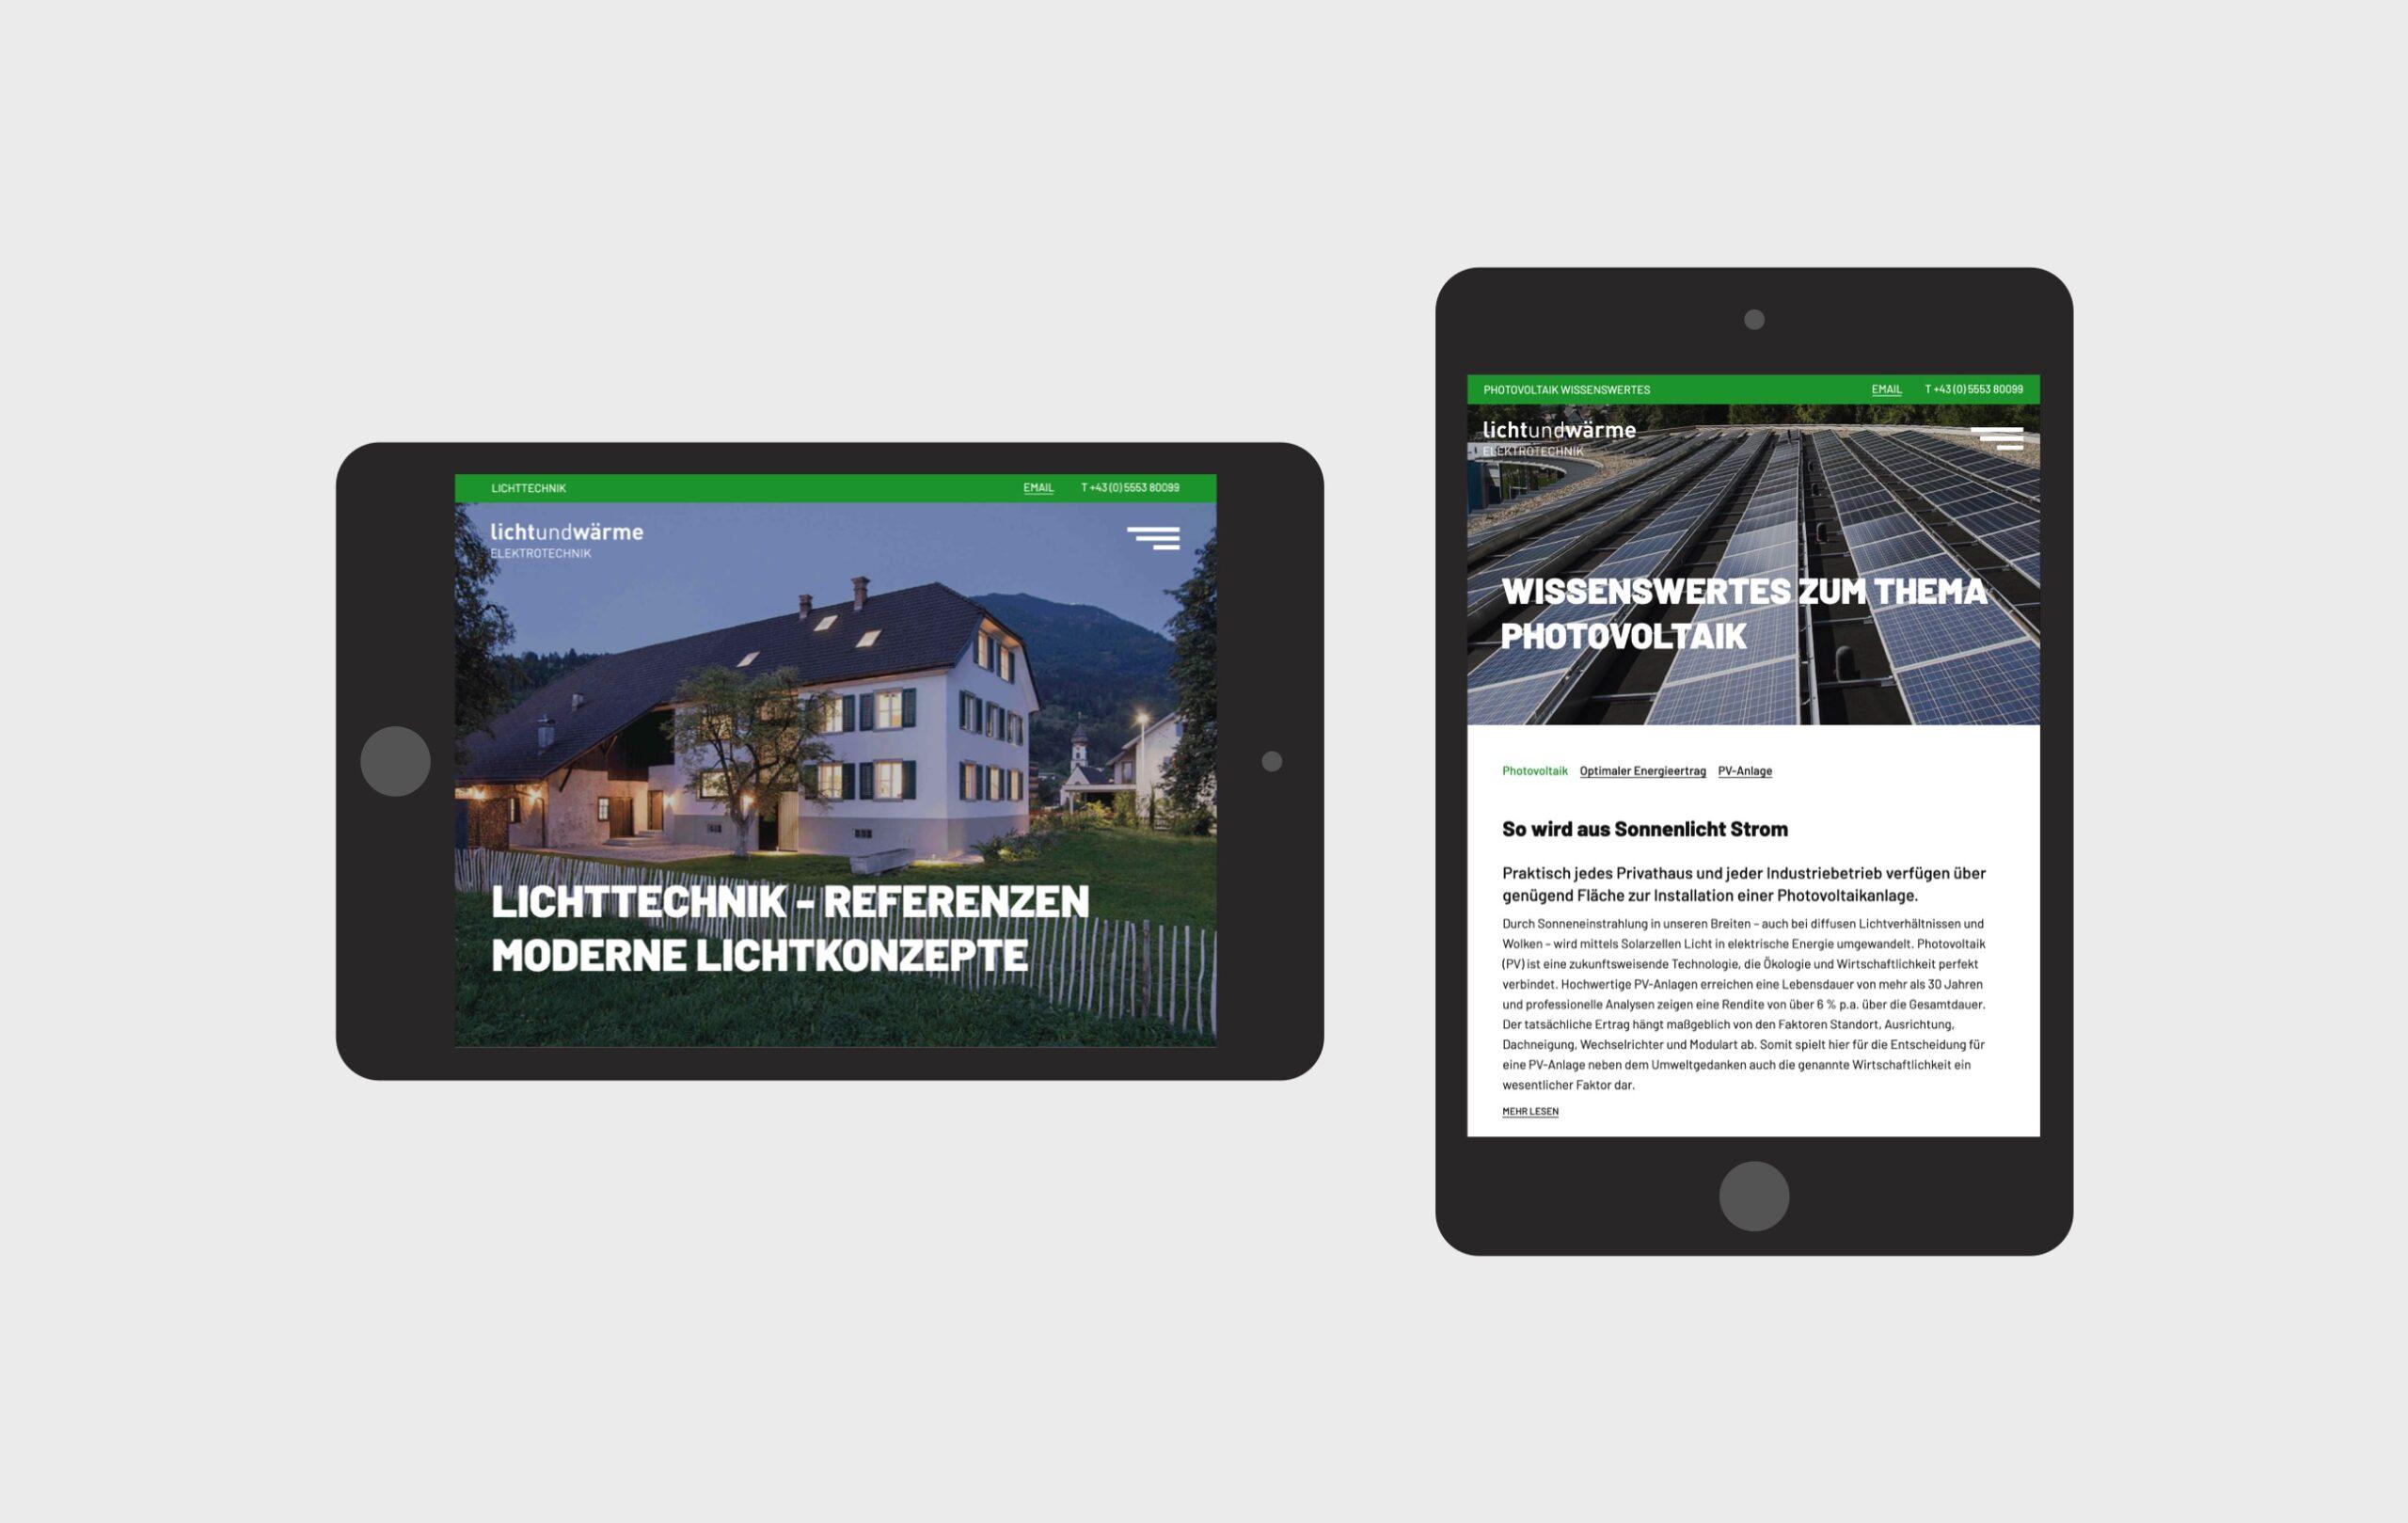 LichtundWärme Webseite Tablet